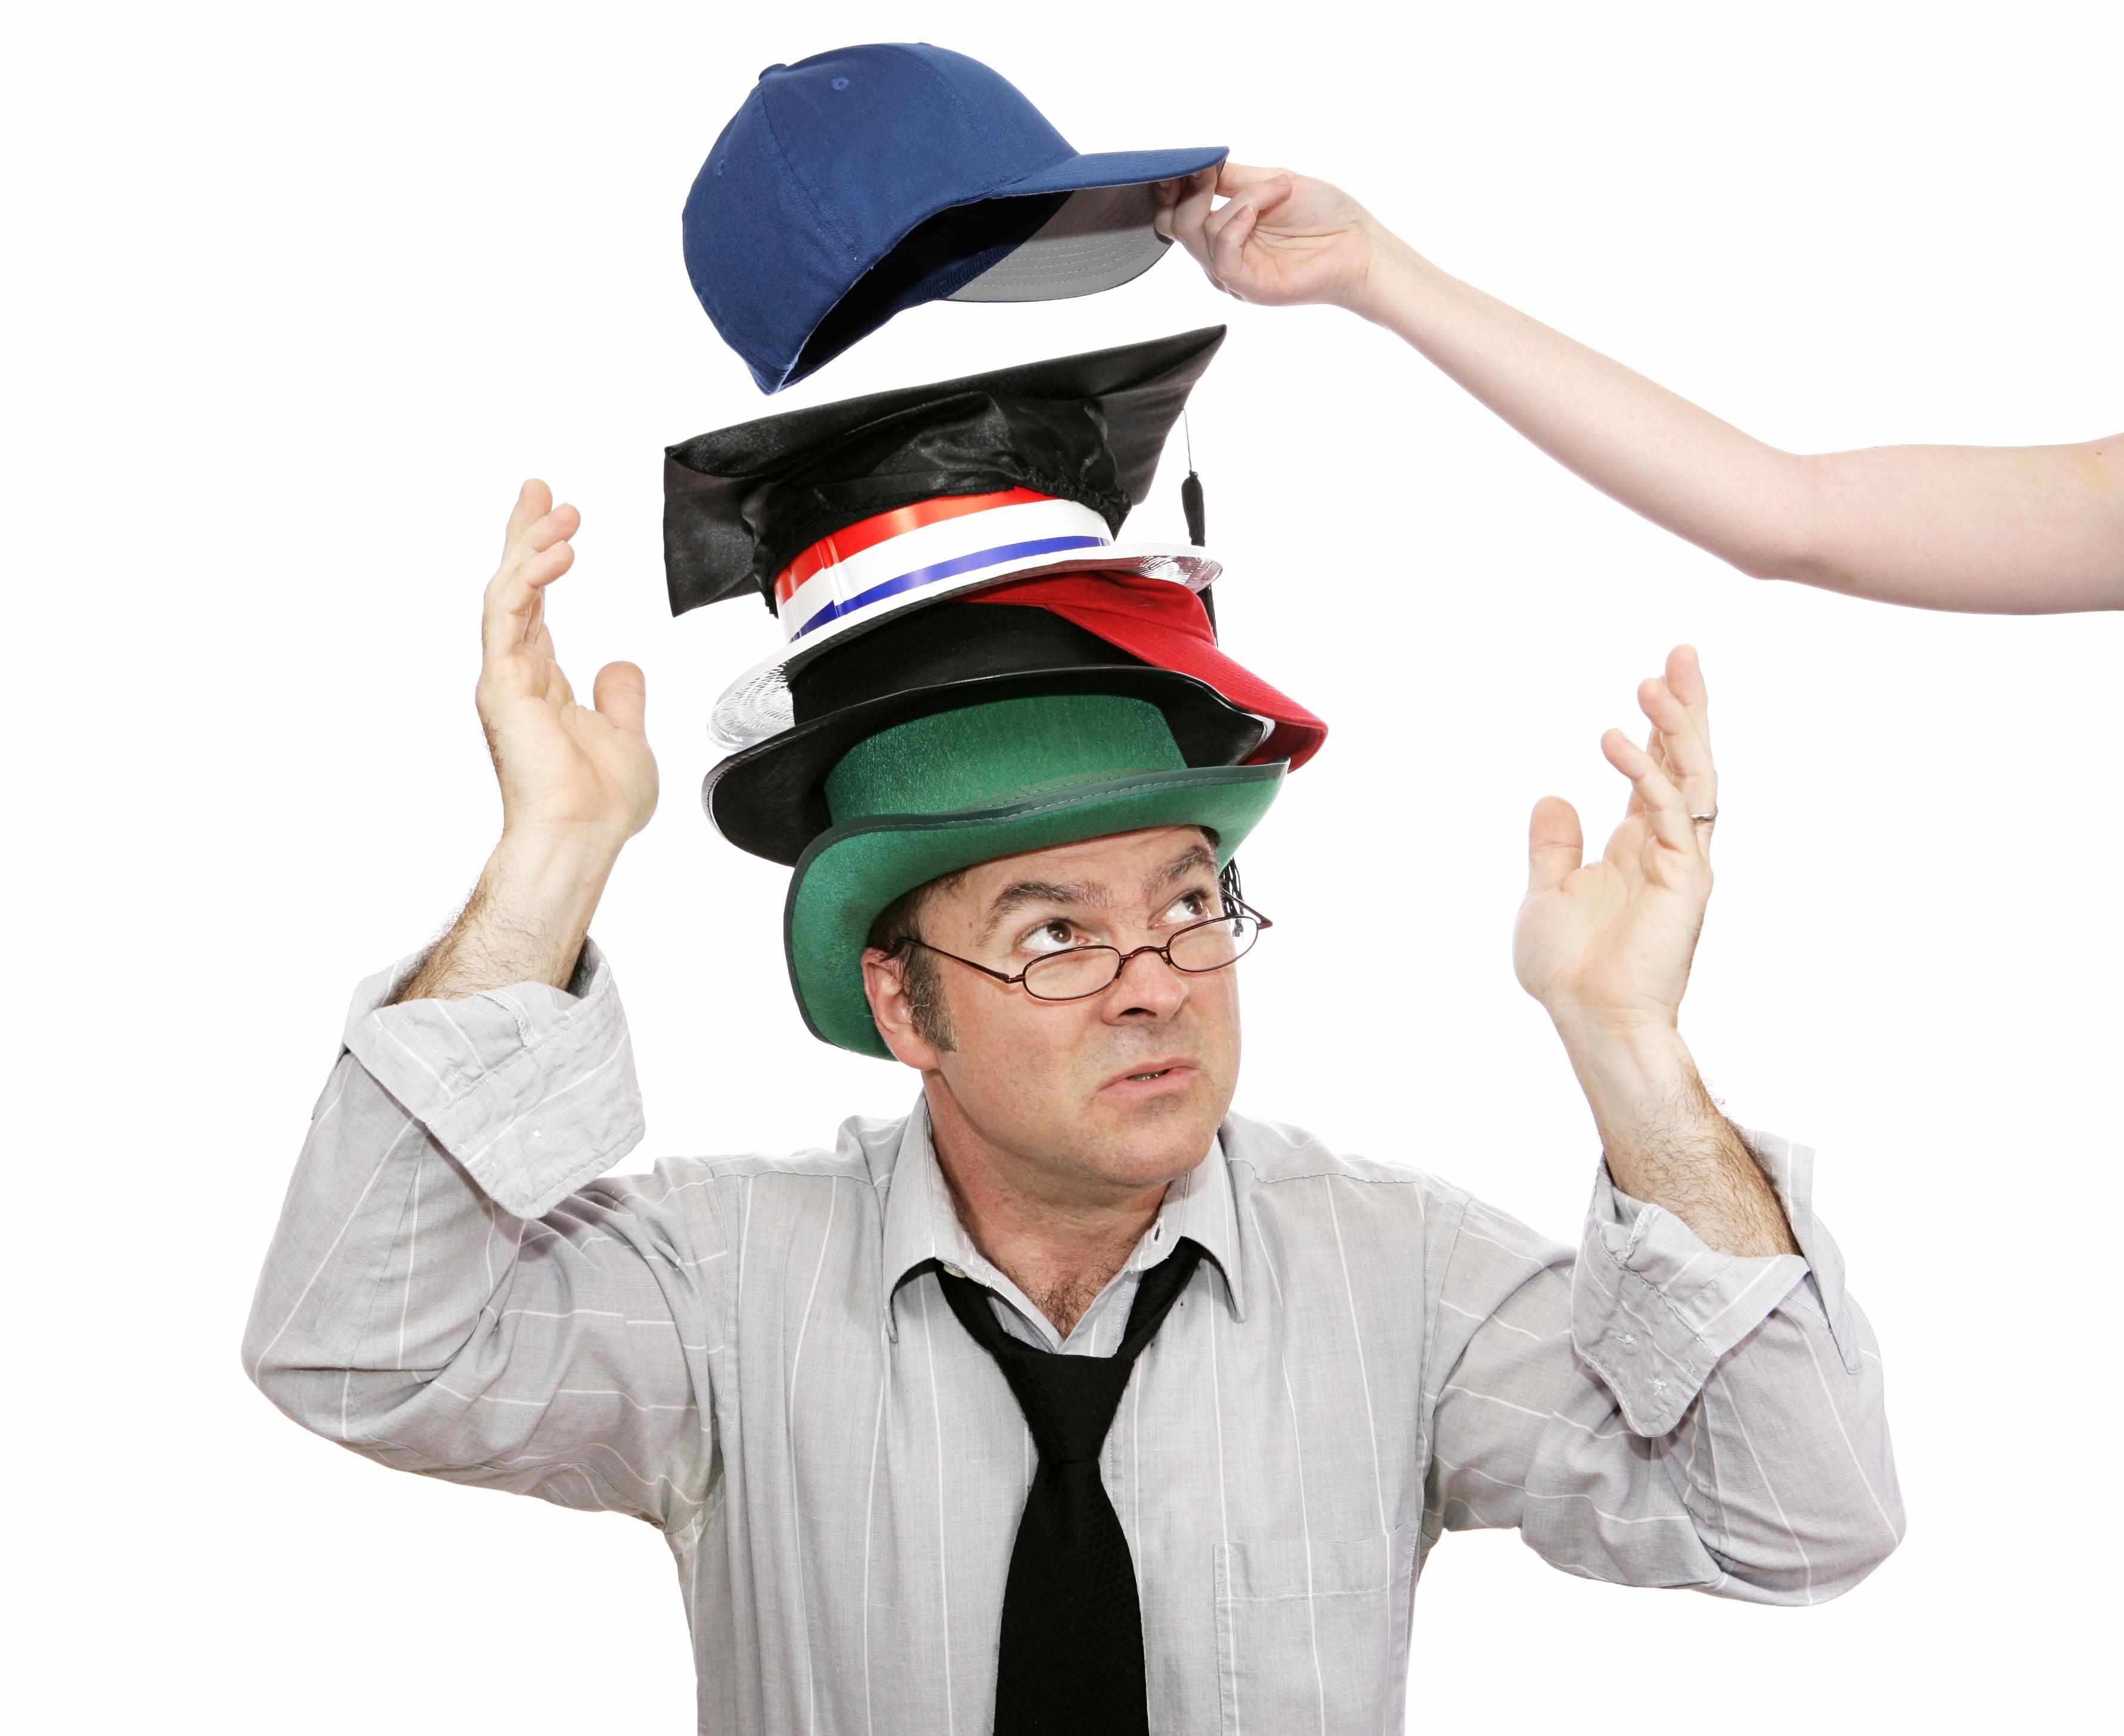 Man - Too Many Hats.jpg